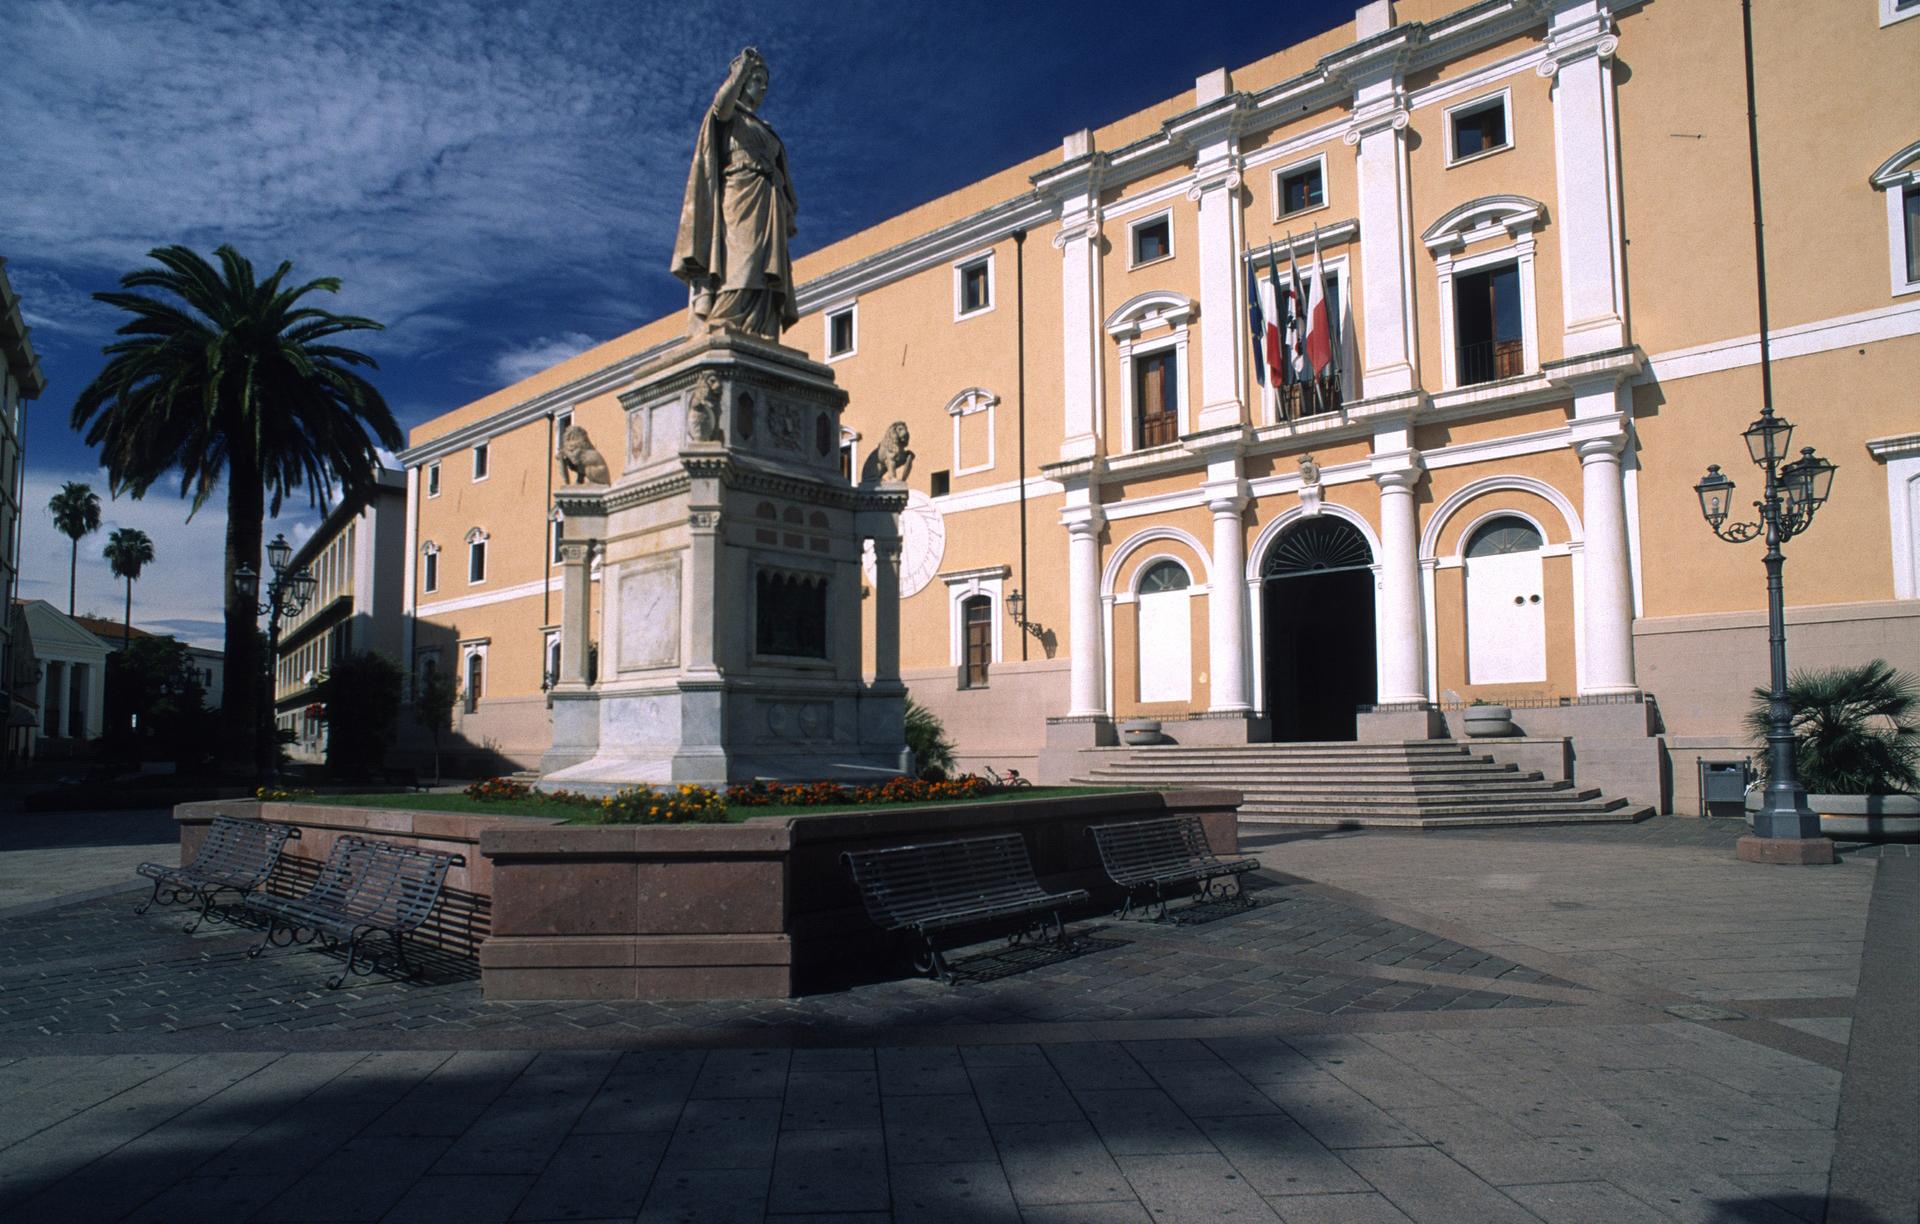 Oristano | SardegnaTurismo - Sito ufficiale del turismo della Regione  Sardegna